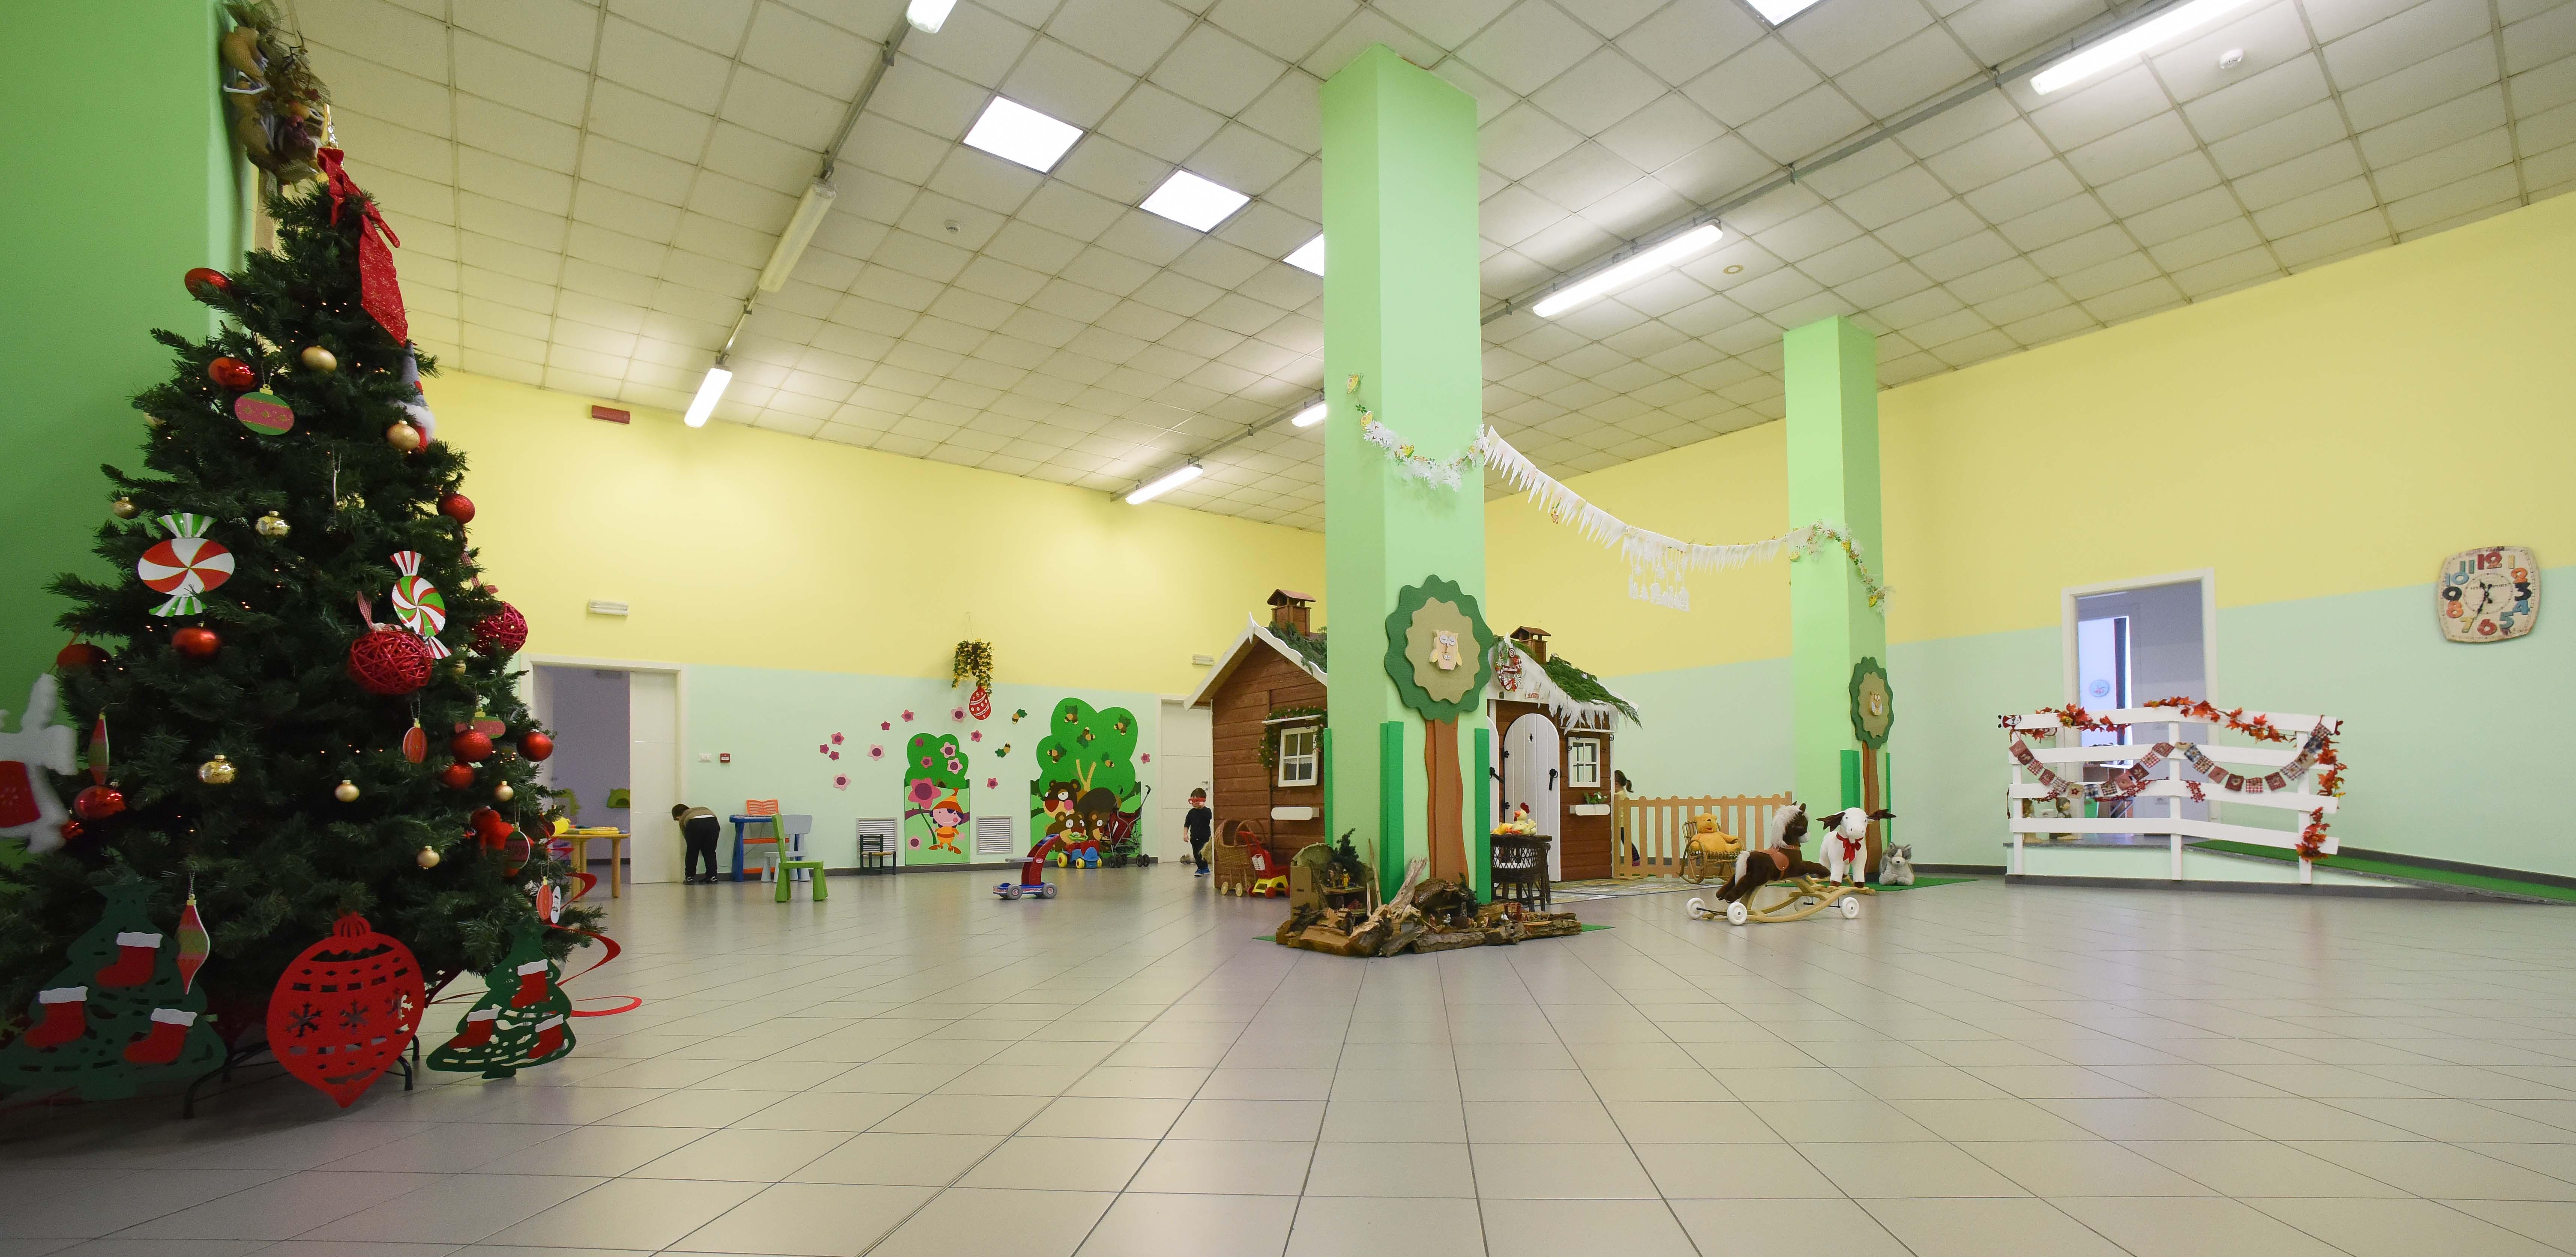 La scuola con albero di Natale